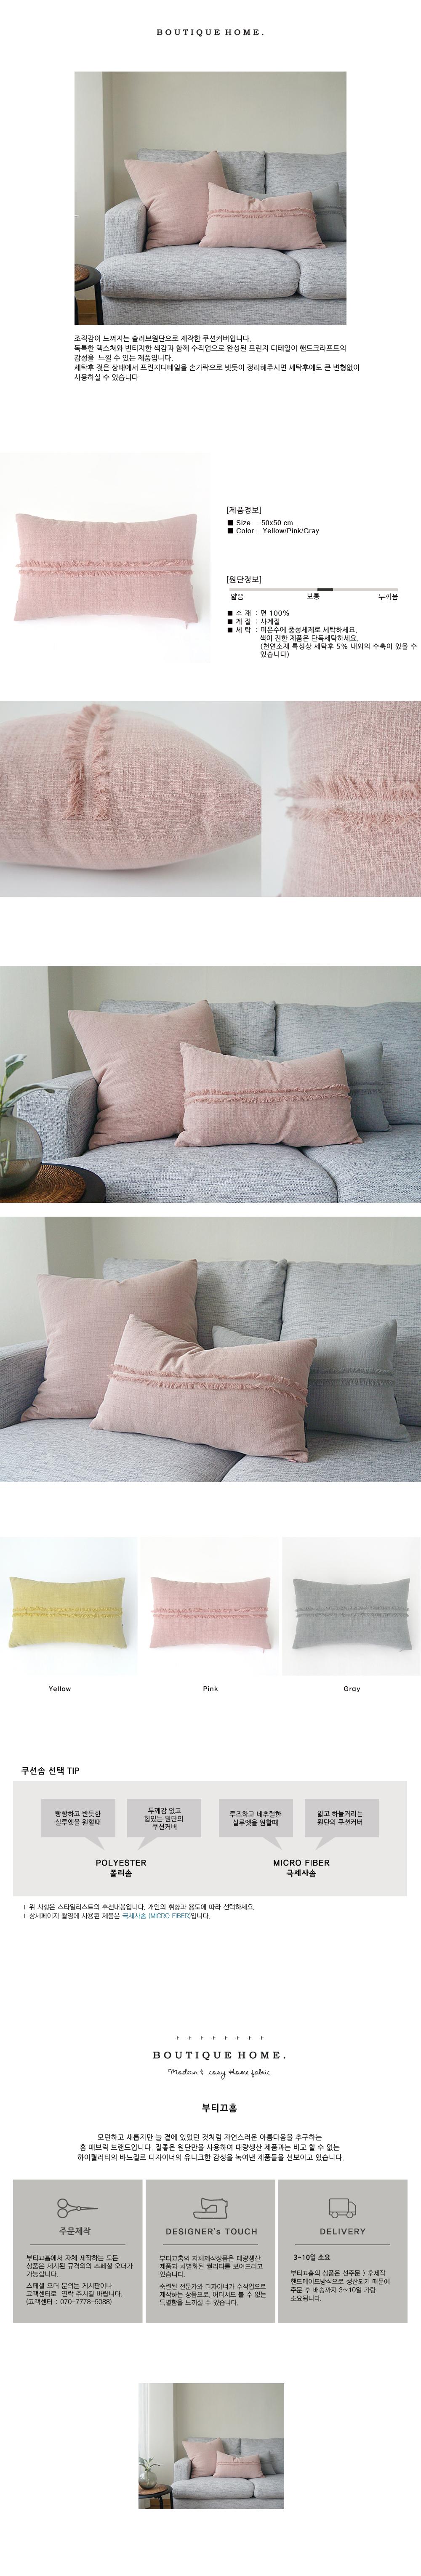 슬러브프린지 쿠션커버(50x30 핑크) - 부티끄홈, 25,000원, 일반쿠션, 단색